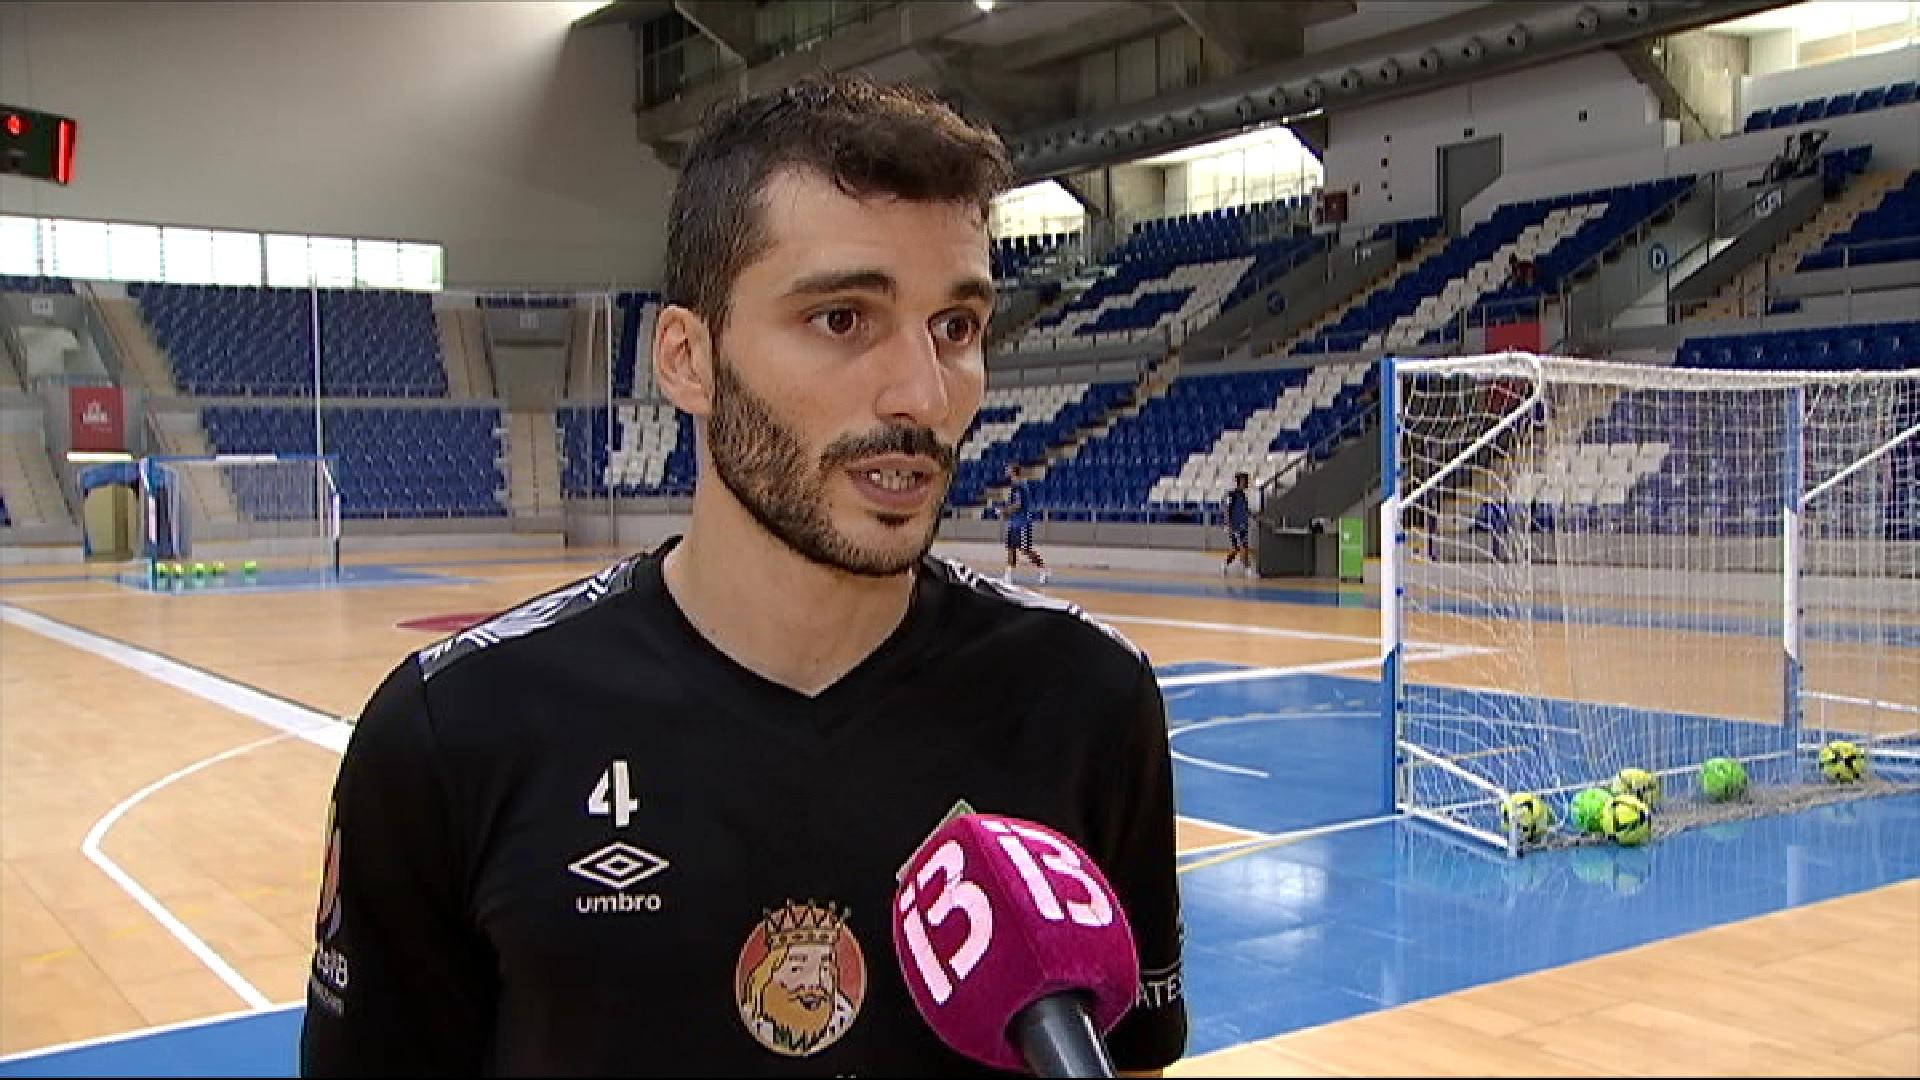 Els+jugadors+del+Palma+Futsal+tamb%C3%A9+reclamen+una+resposta+per+part+de+la+Federaci%C3%B3